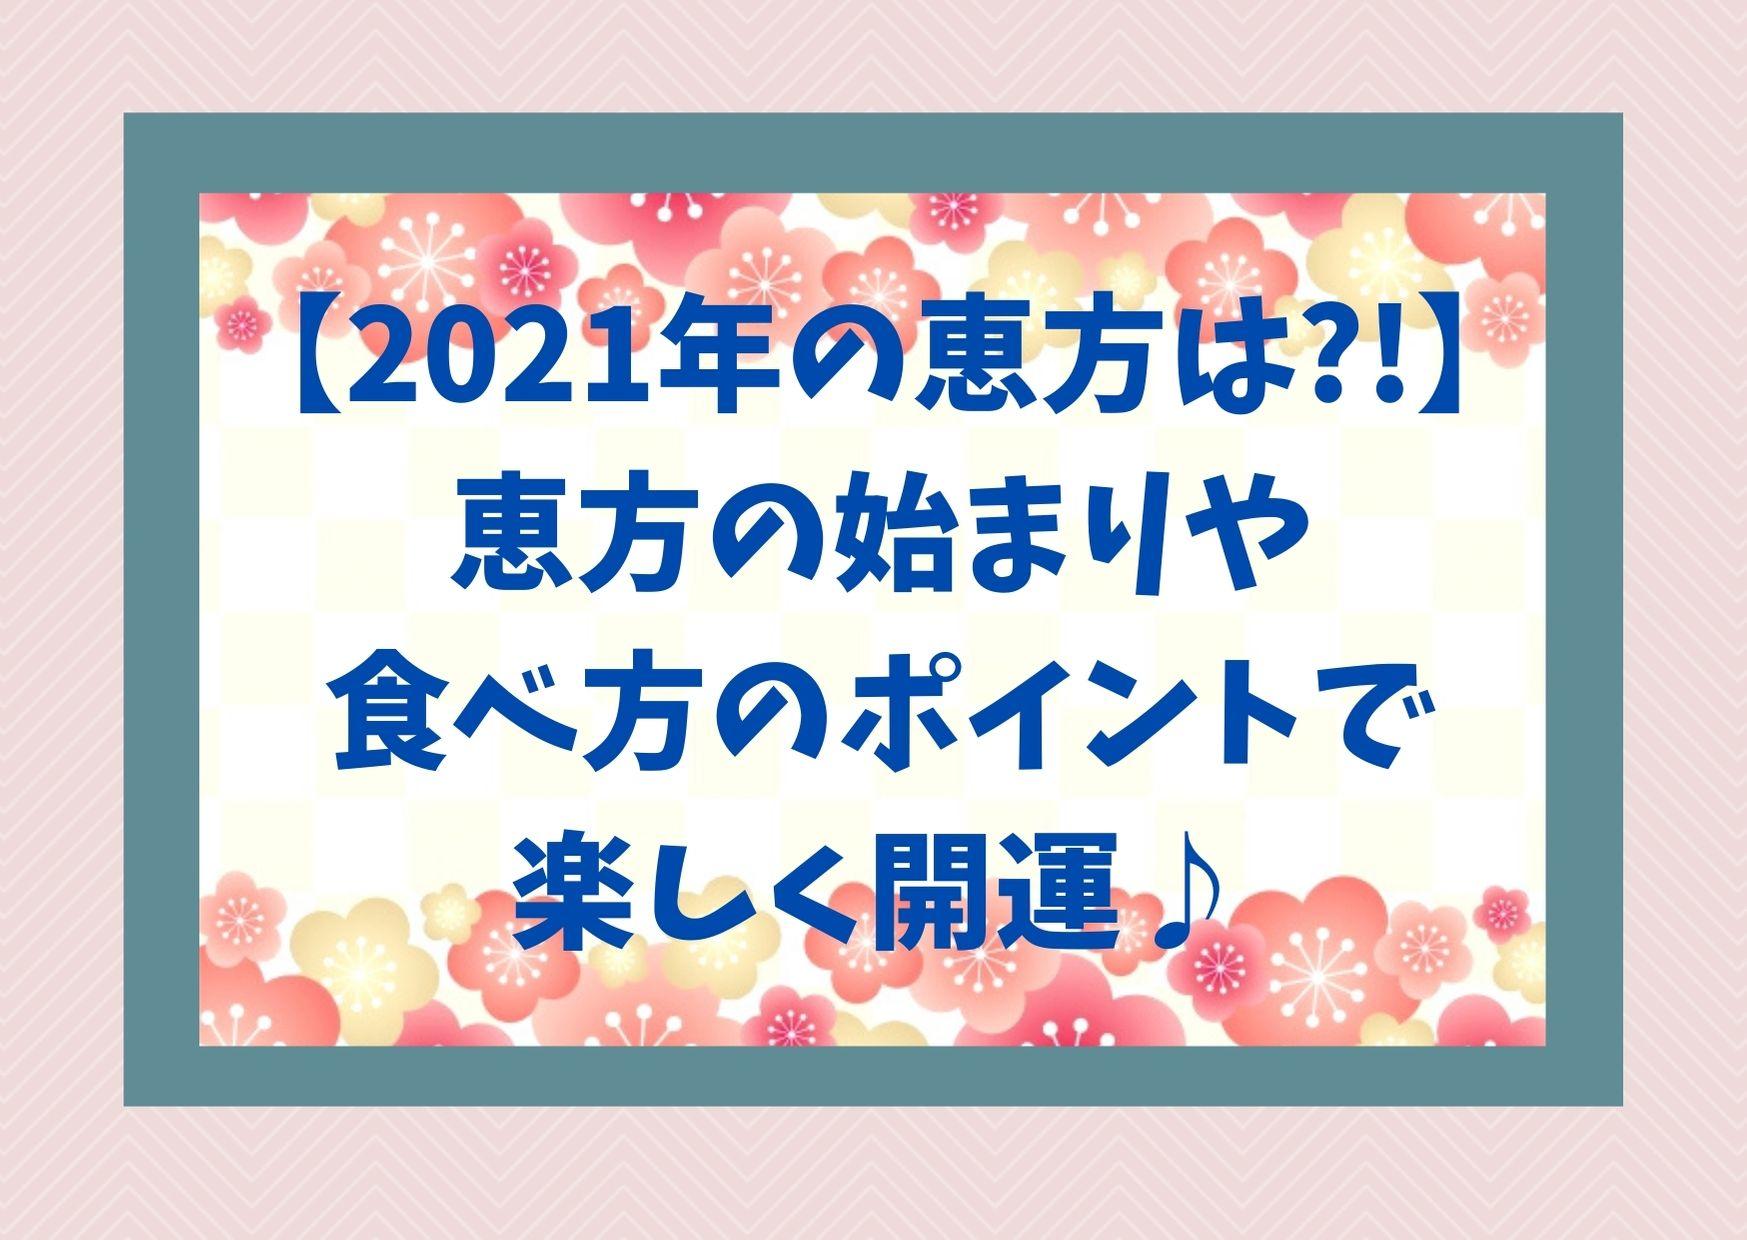 【2021年の恵方は?!】恵方の始まりや食べ方のポイントで楽しく開運♪